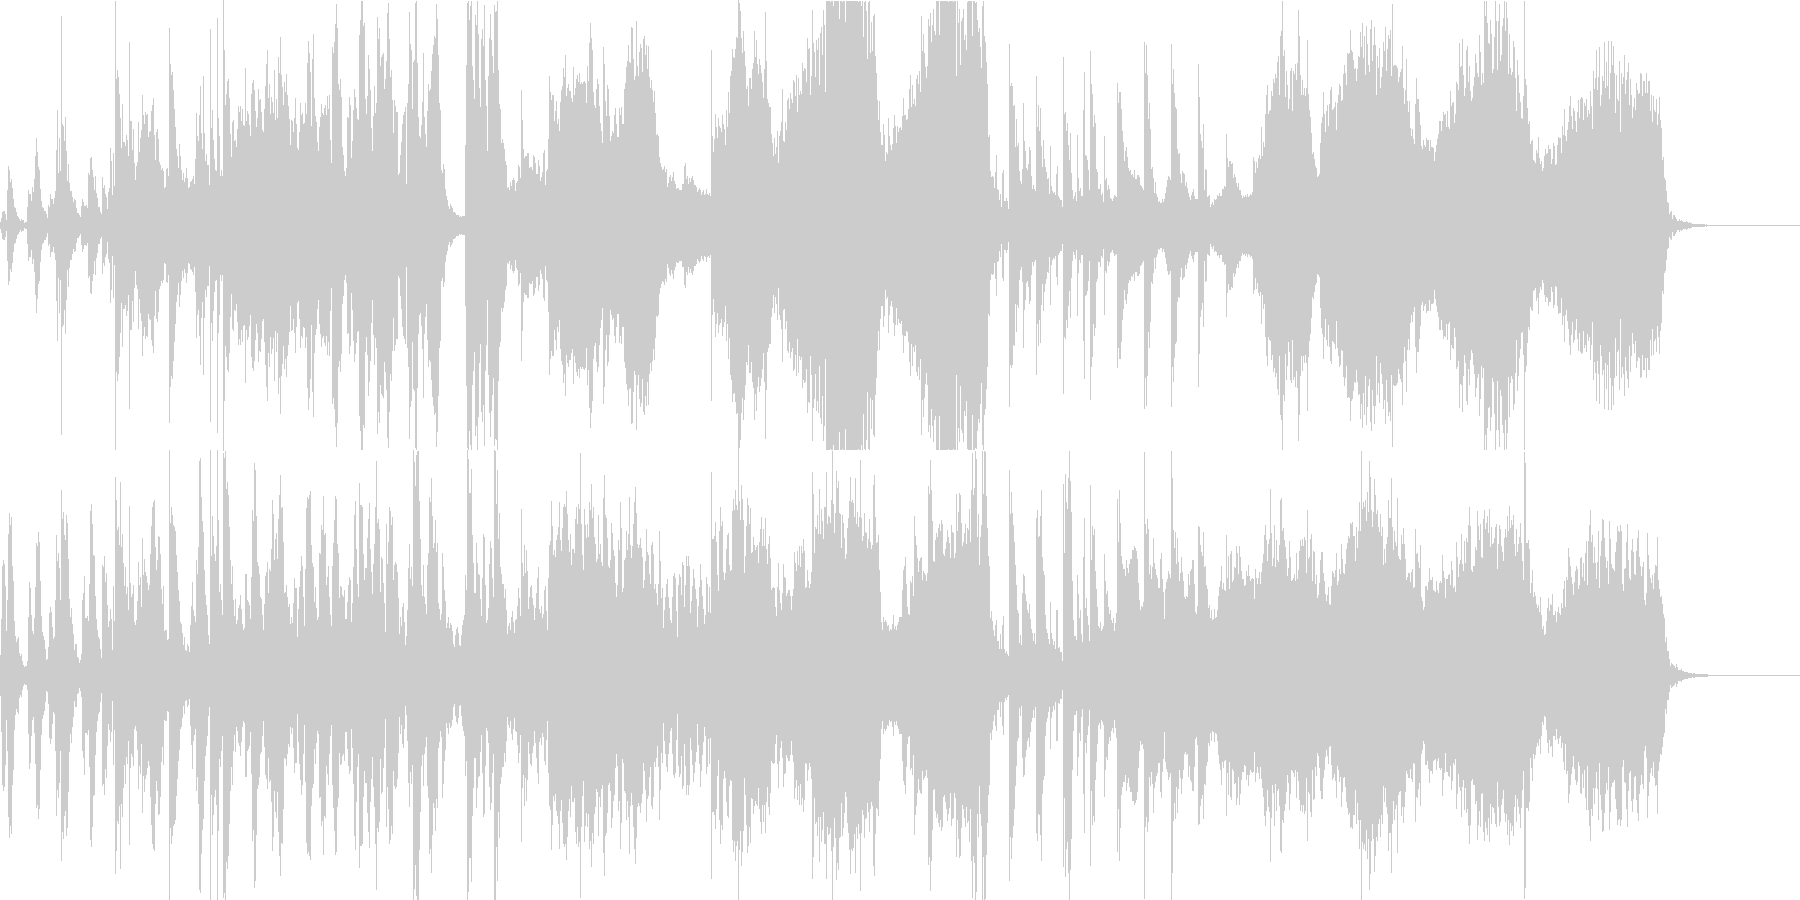 和楽器 オーケストラ 弦楽器 管楽器の未再生の波形